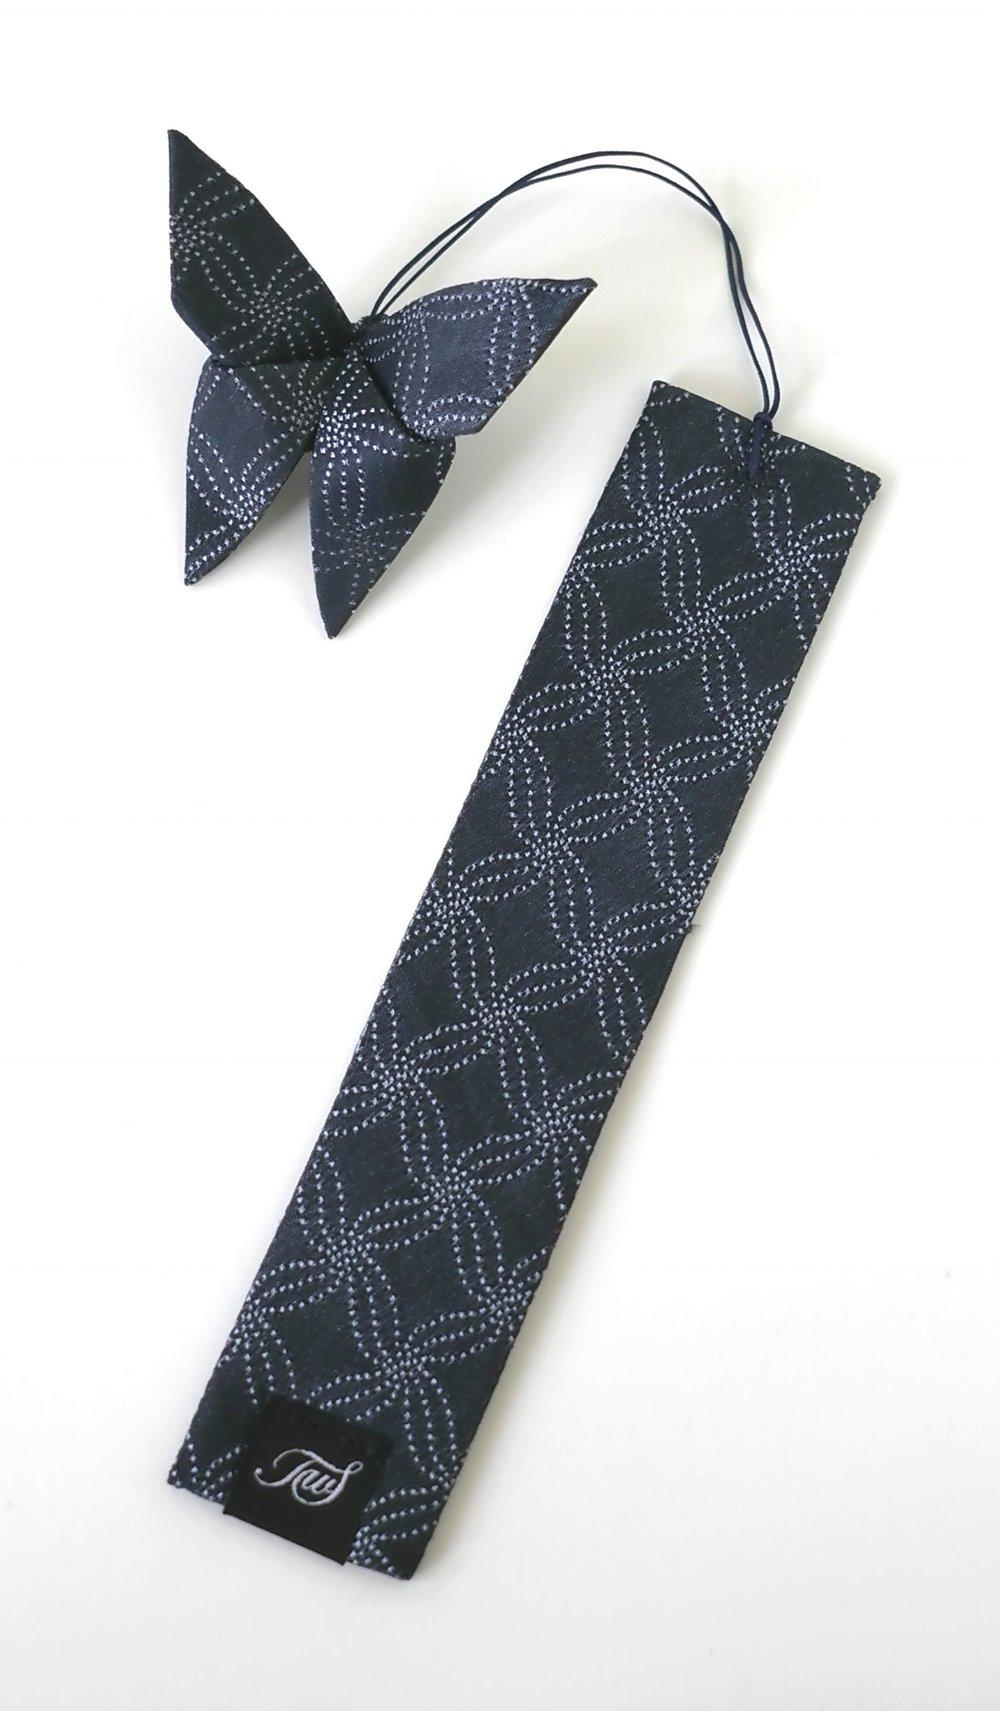 Un marque-page en soie avec son papillon